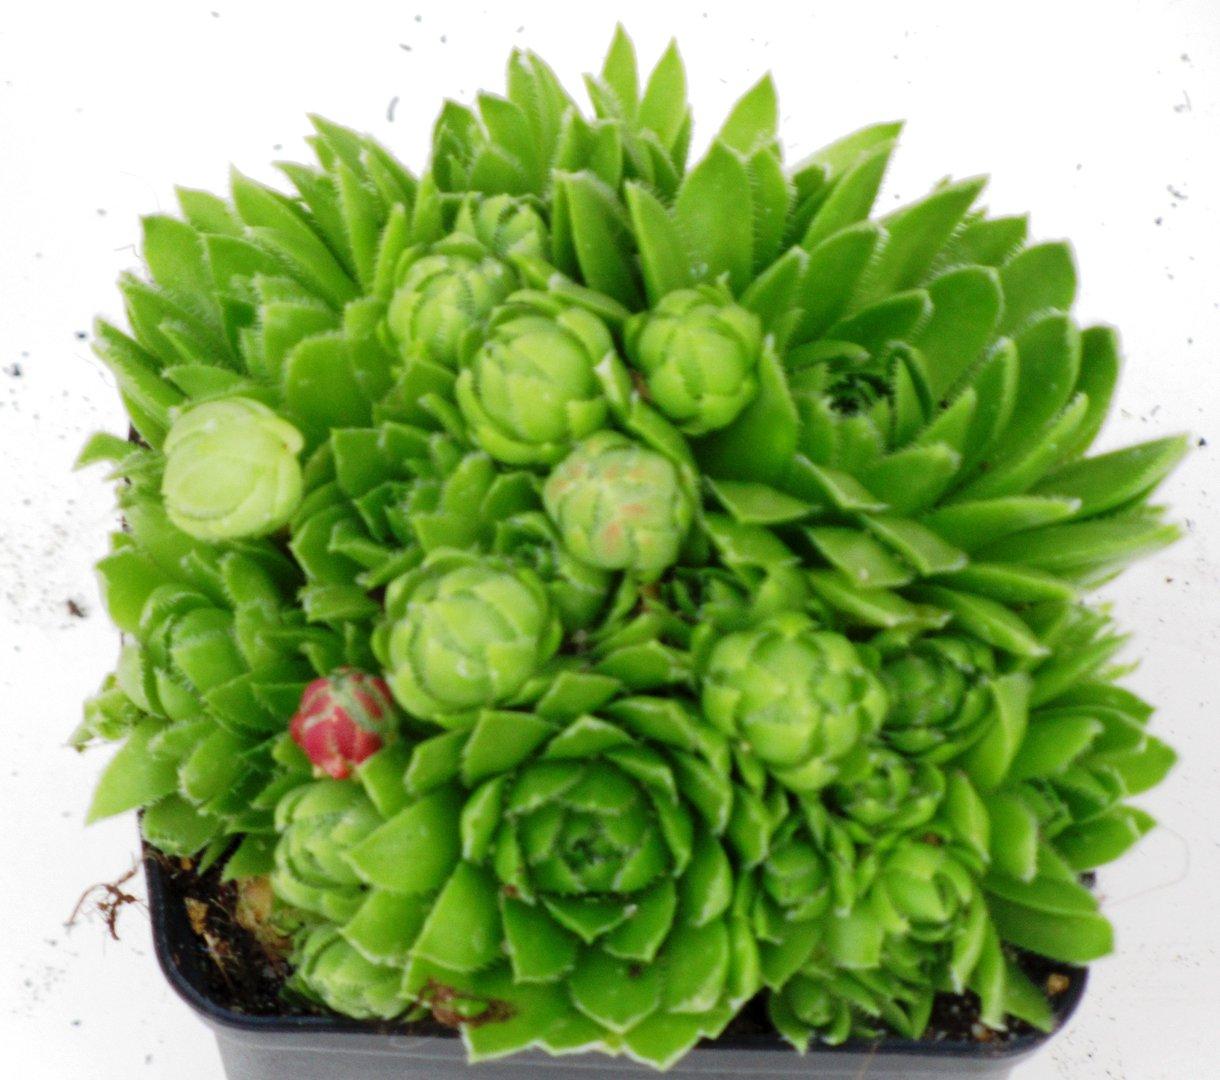 sempervivum soboliferum hauswurz kaufen pflanzen versand. Black Bedroom Furniture Sets. Home Design Ideas